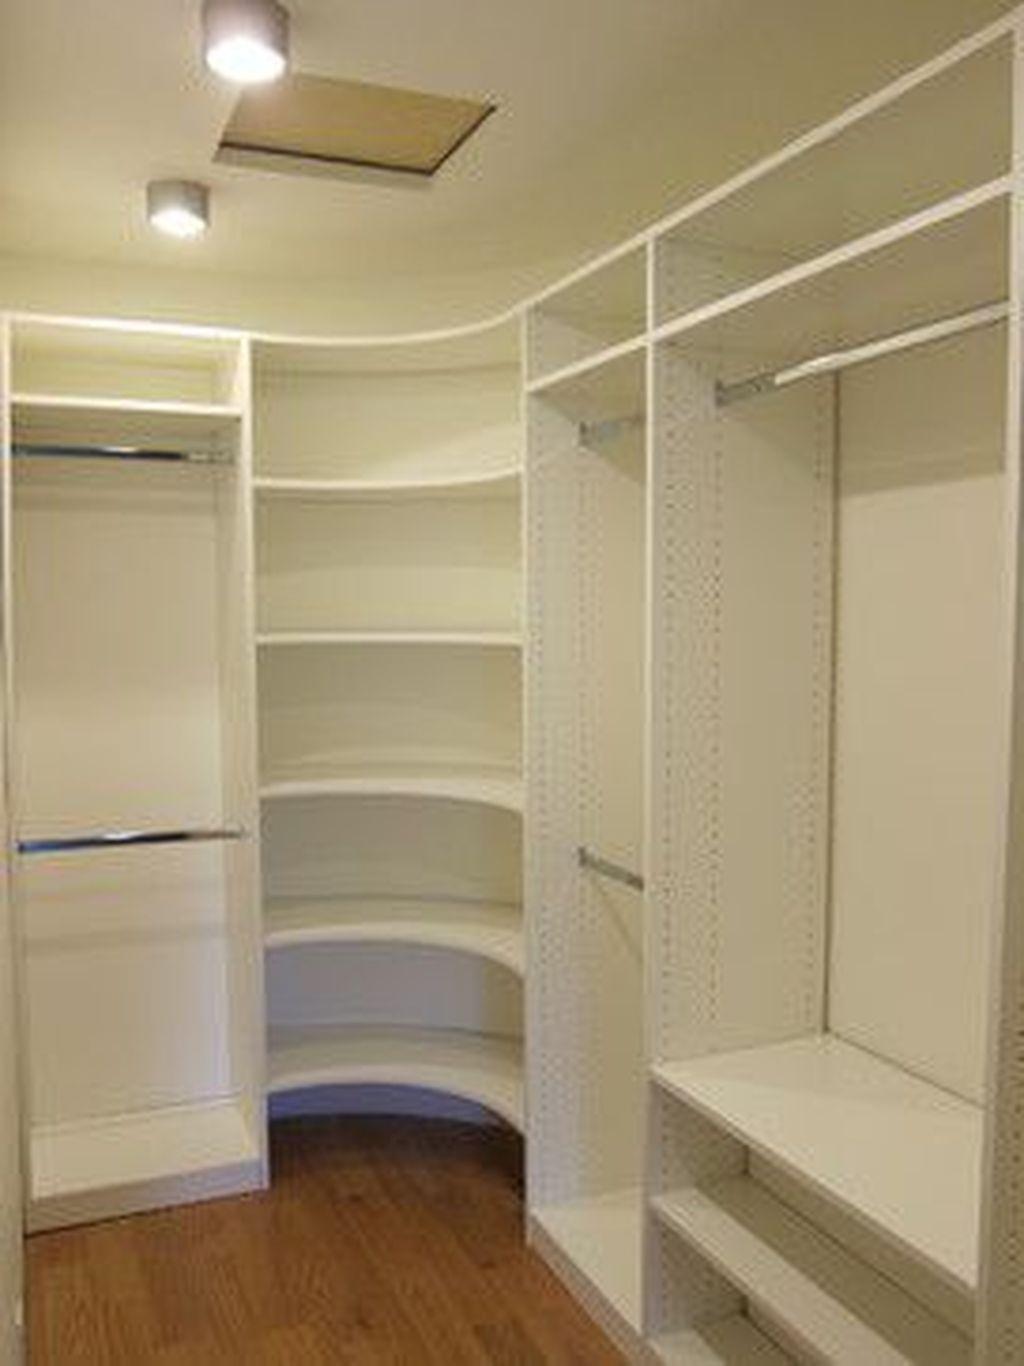 48 Adorable Master Bedroom Closet Designs Ideas #bedroom